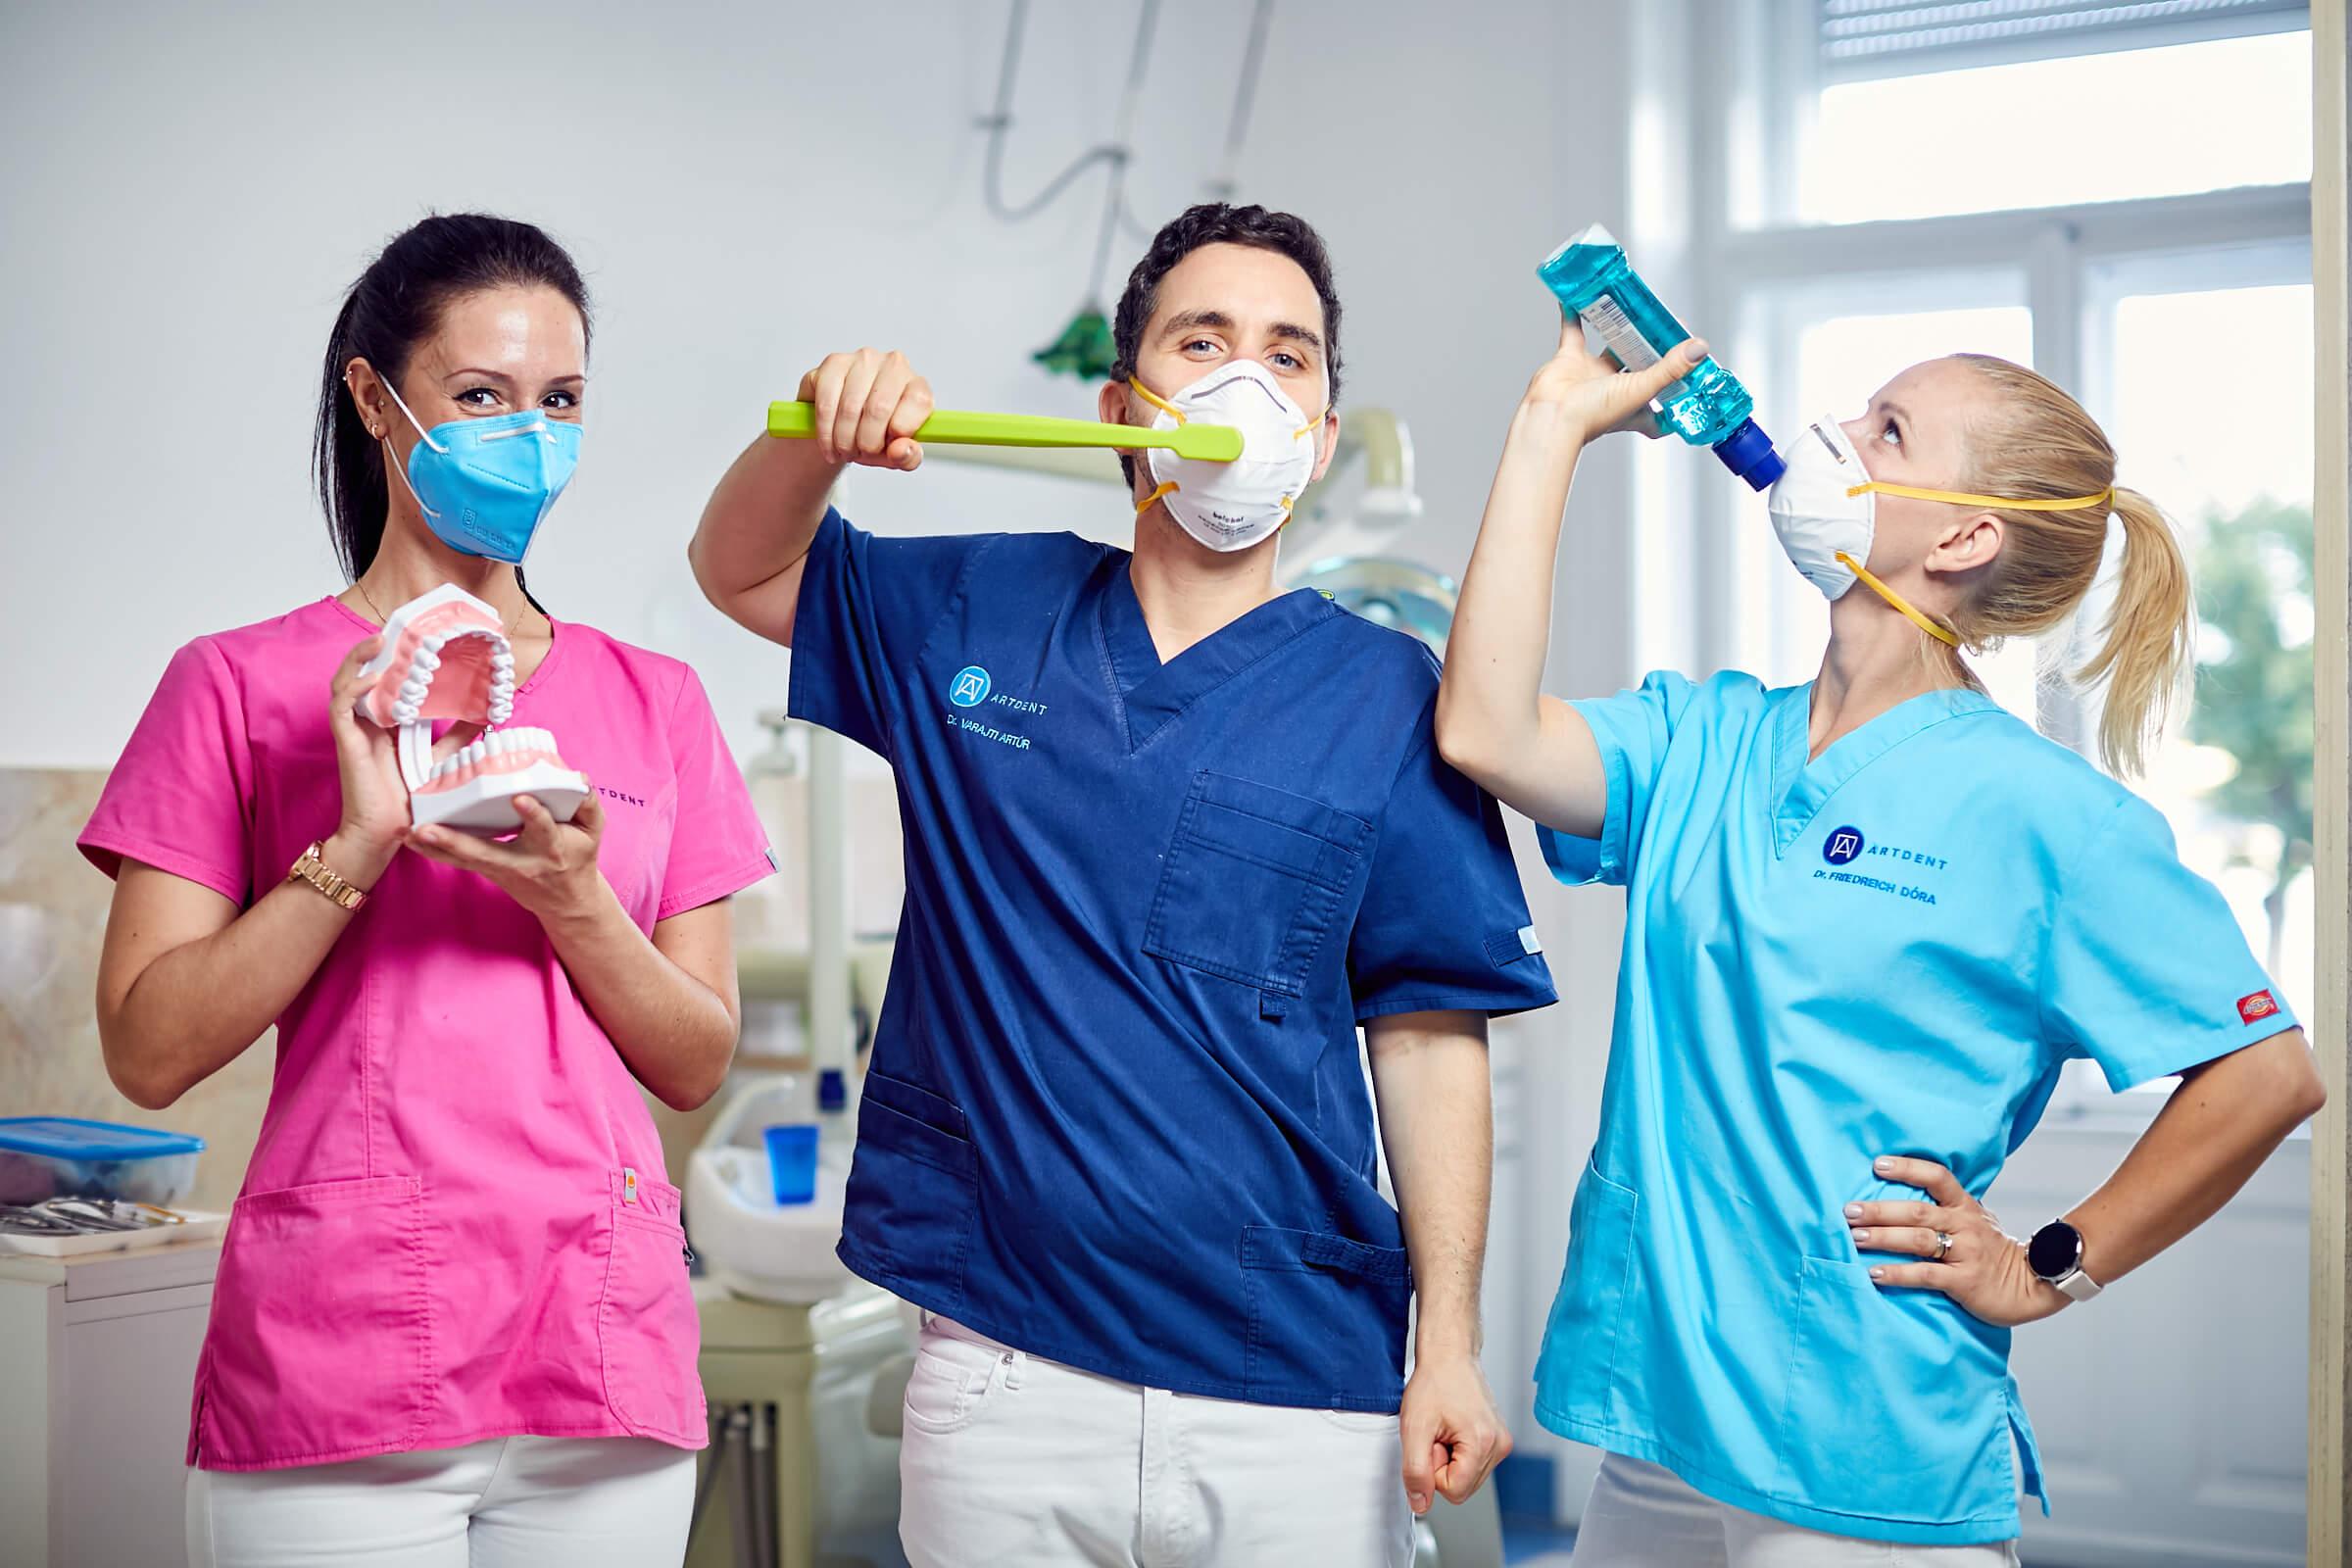 Dr. Varajti Artús és kollégái eszközöket mutatnak a fogínyvérzés megszüntetésére.